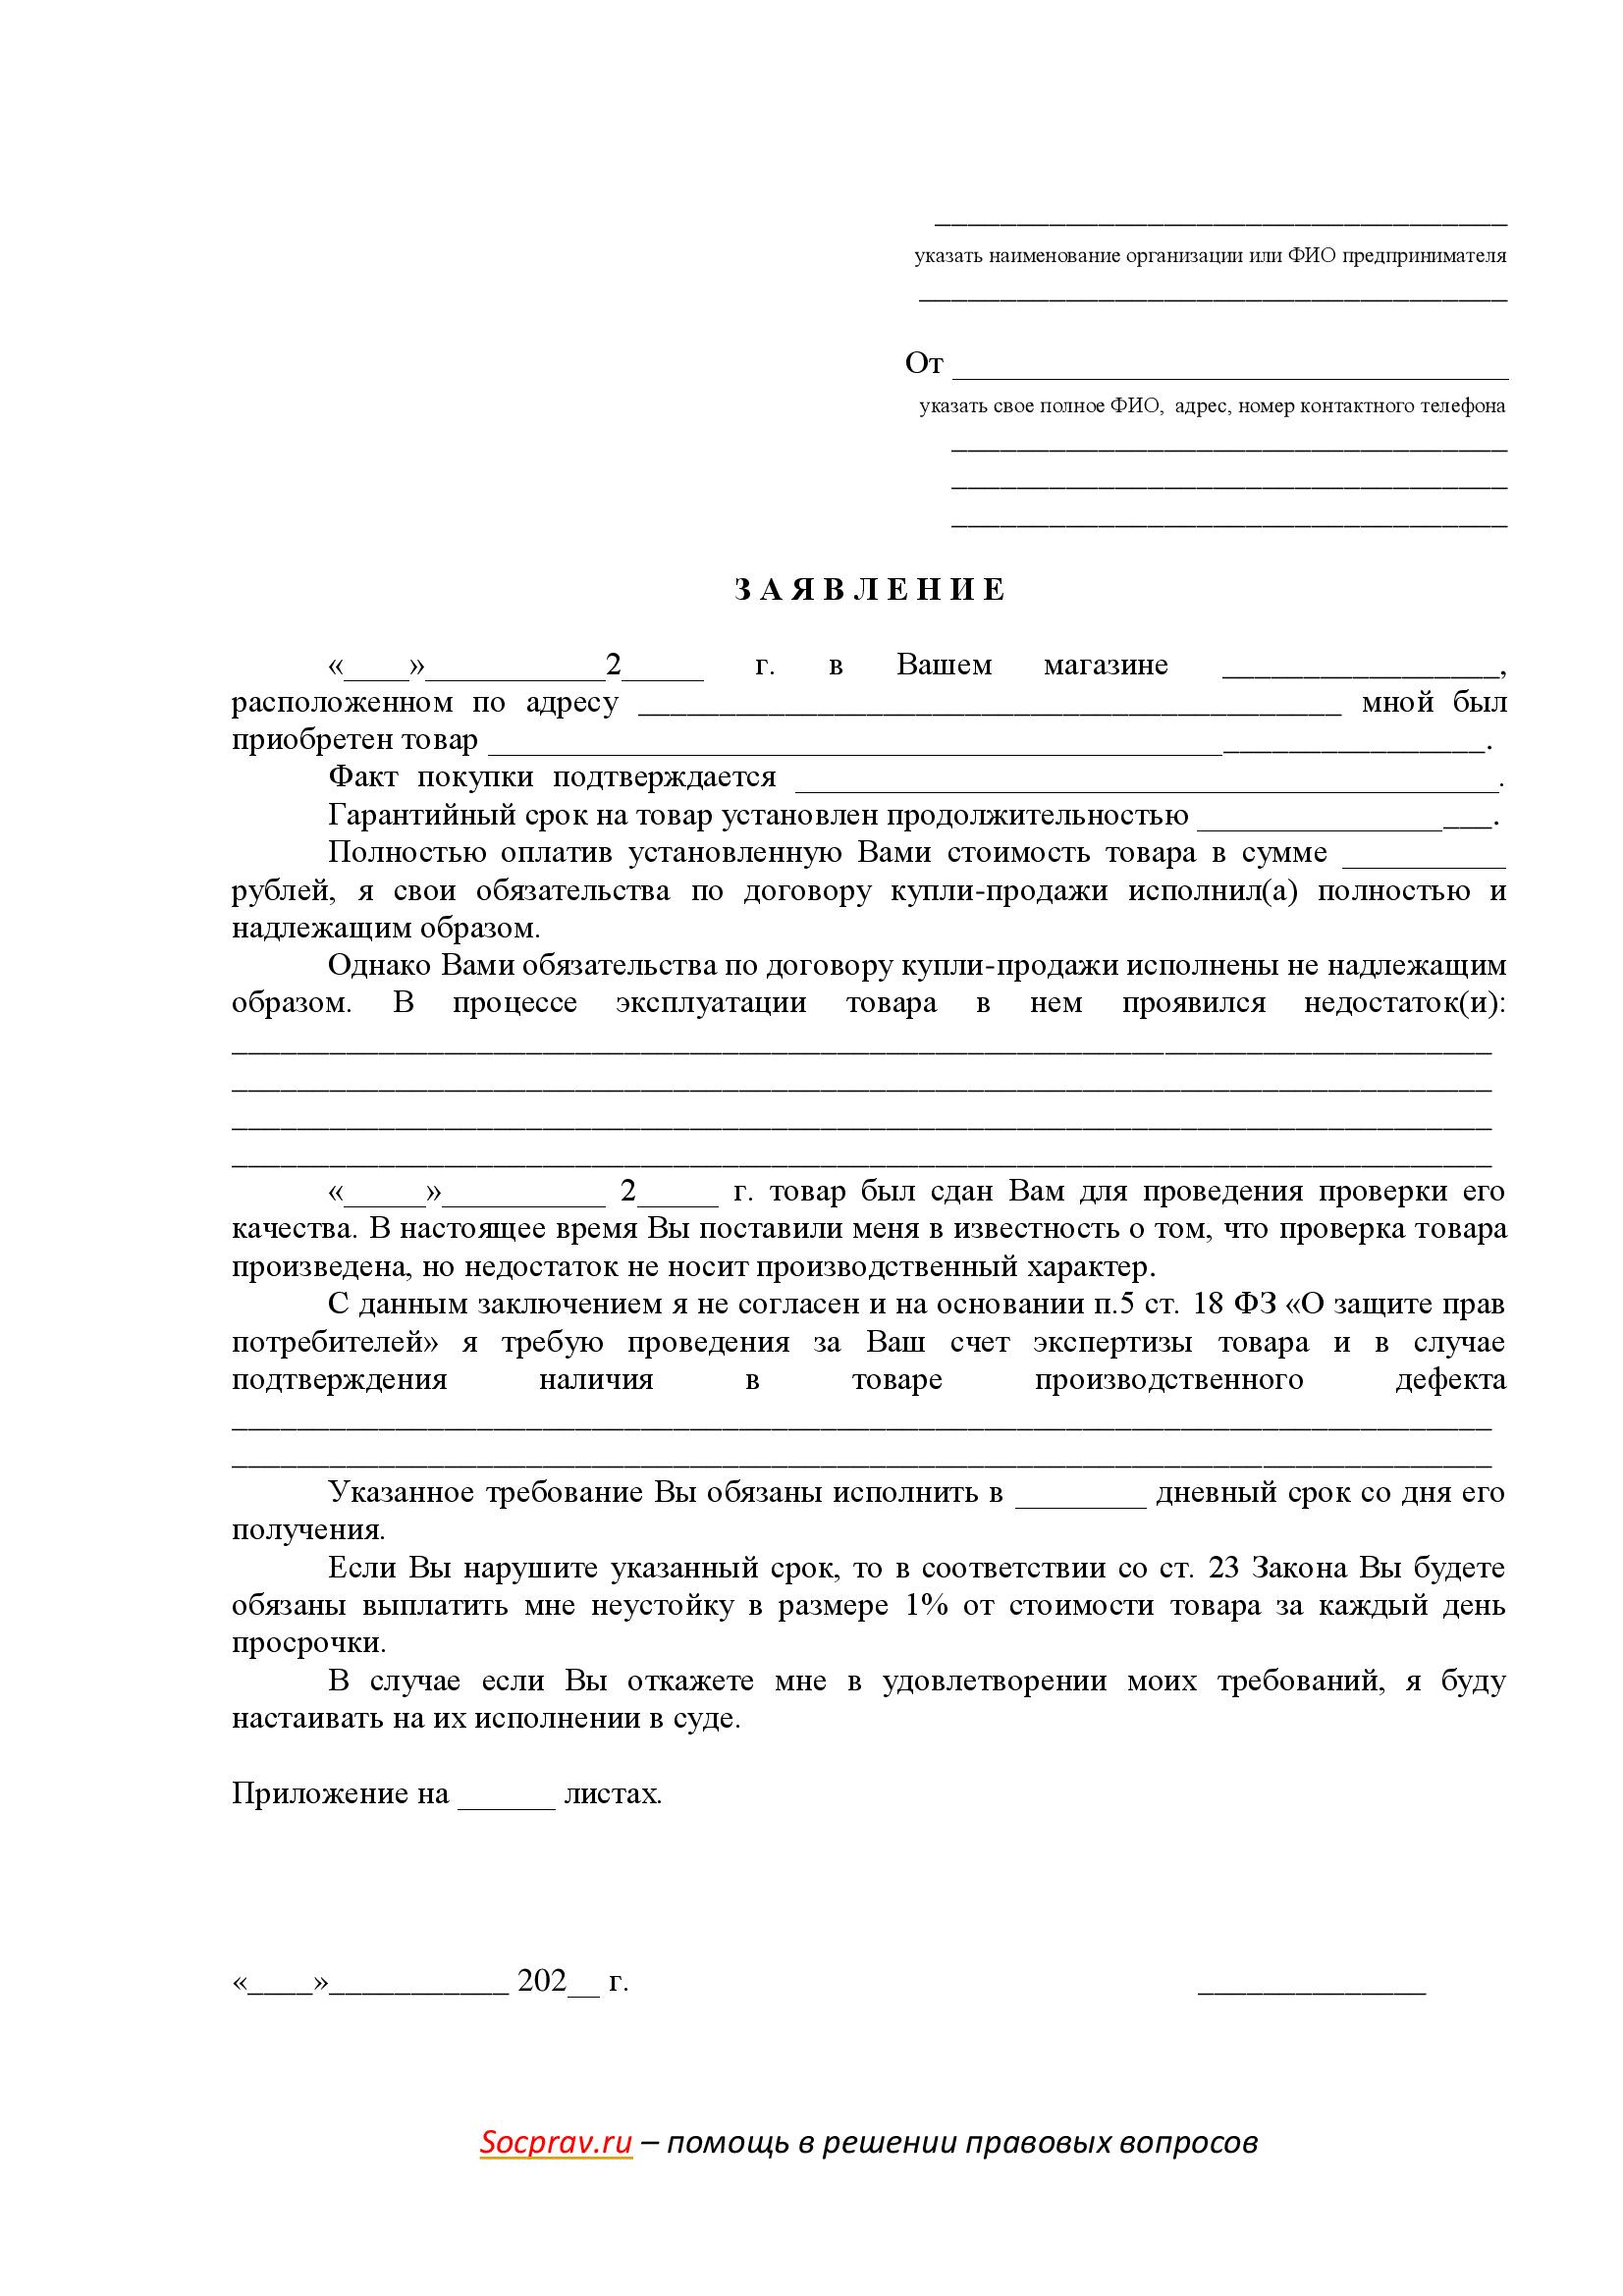 Заявление на проведение независимой экспертизы товара